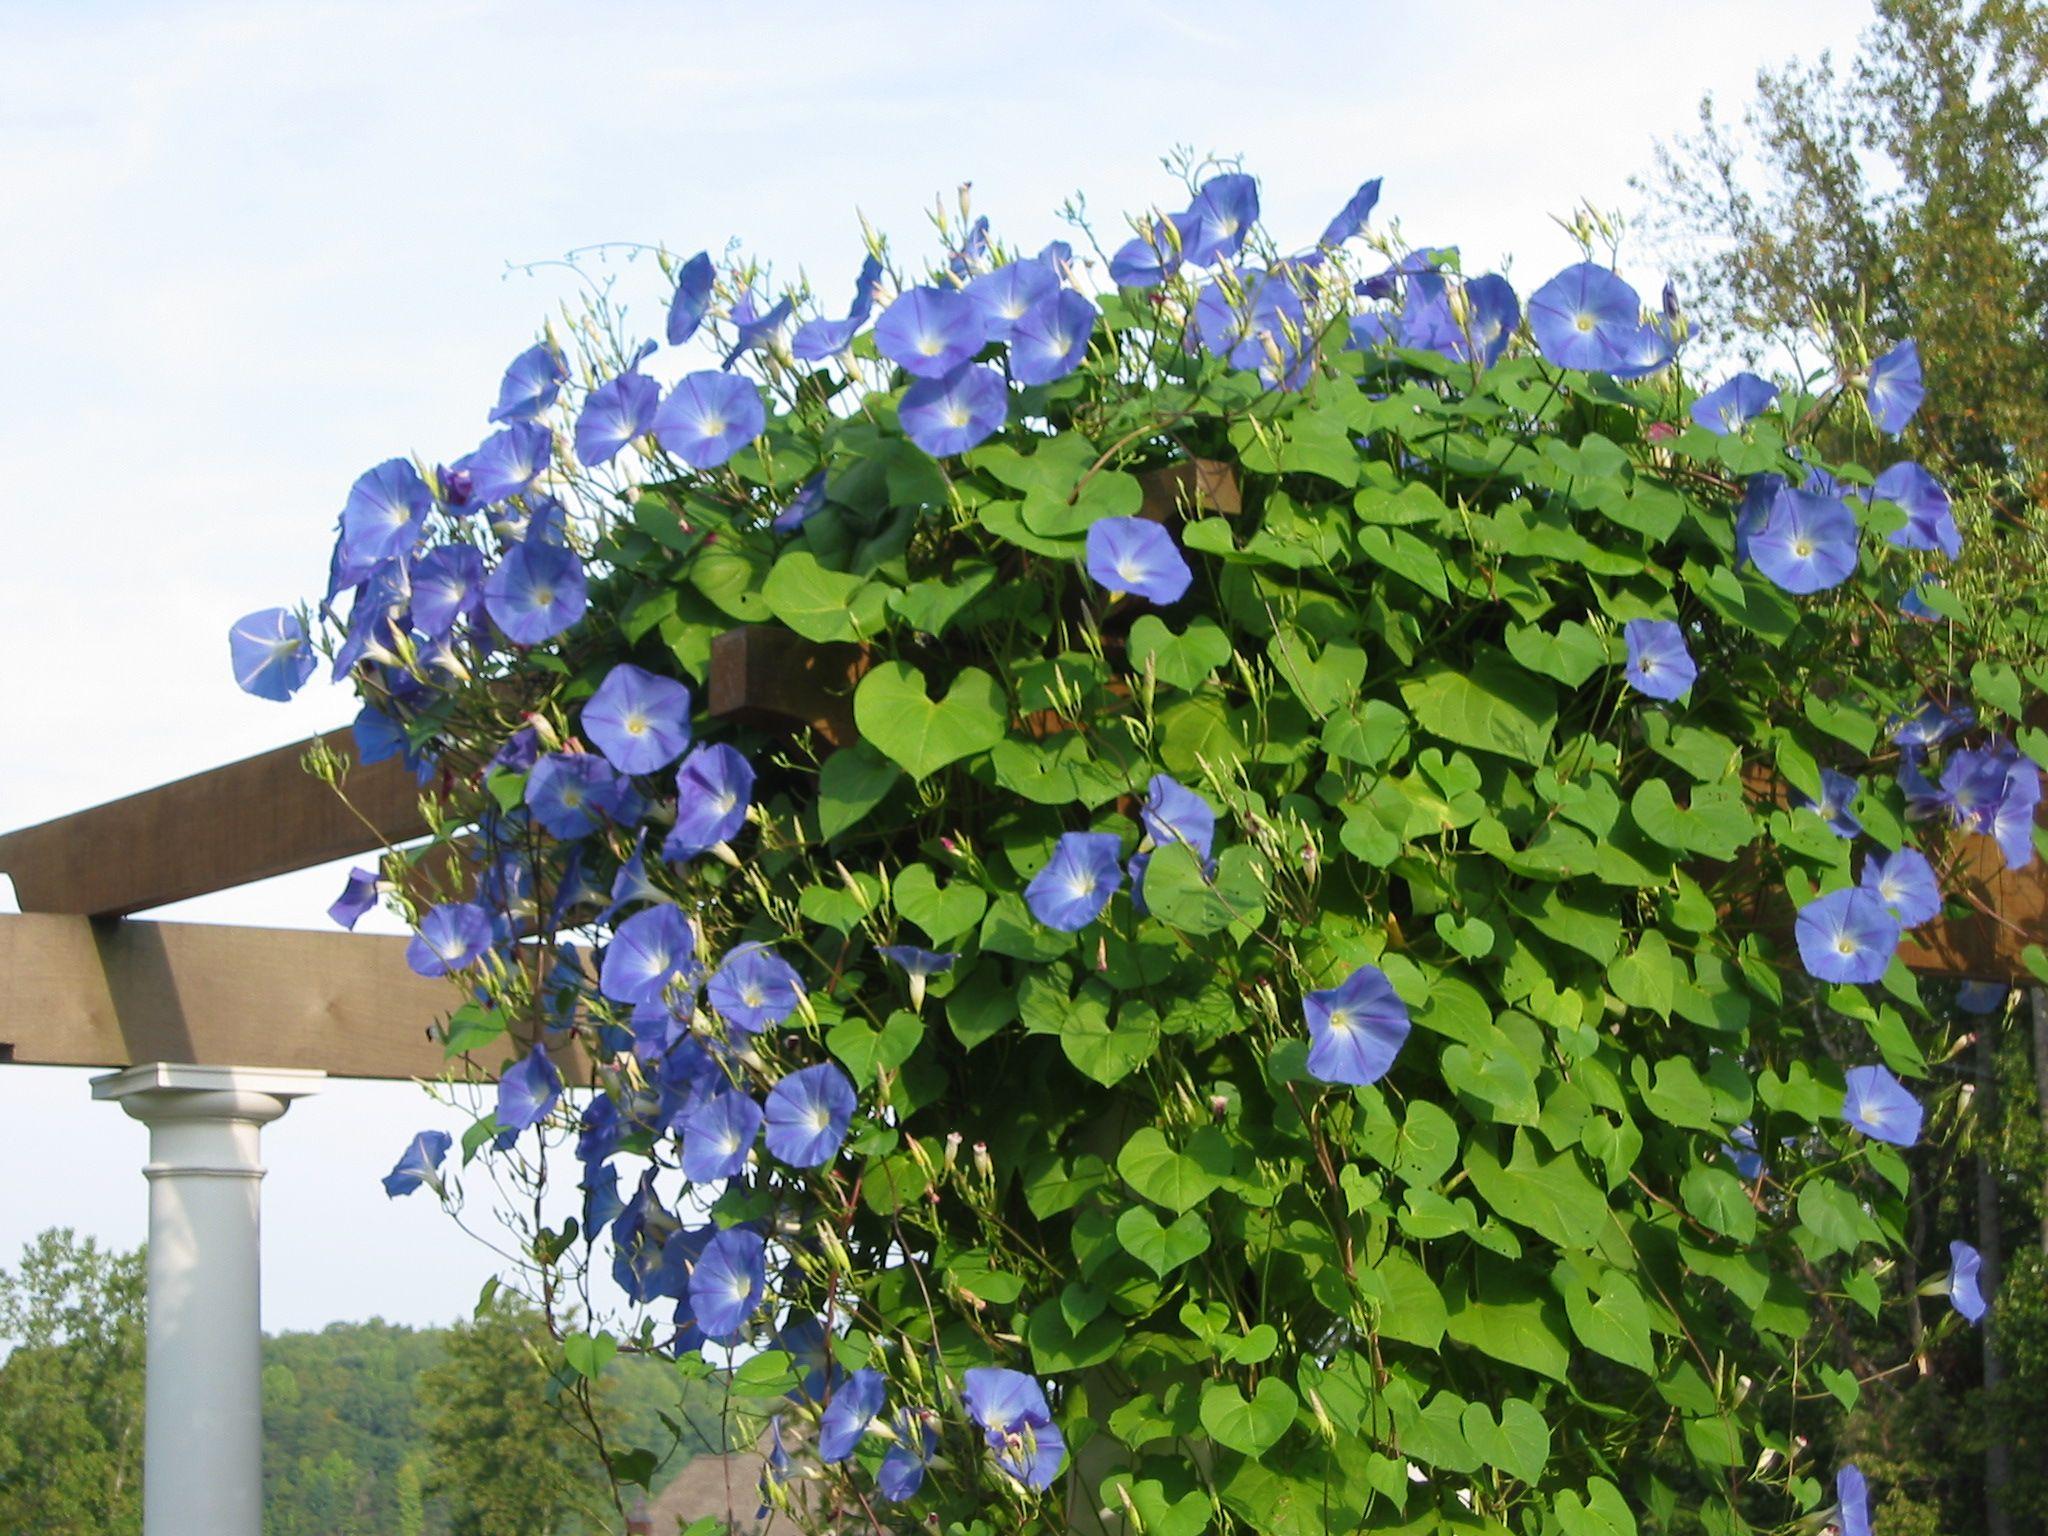 Morning Glory Pergola Flowering Vines Garden Vines Flowering Vine Plants